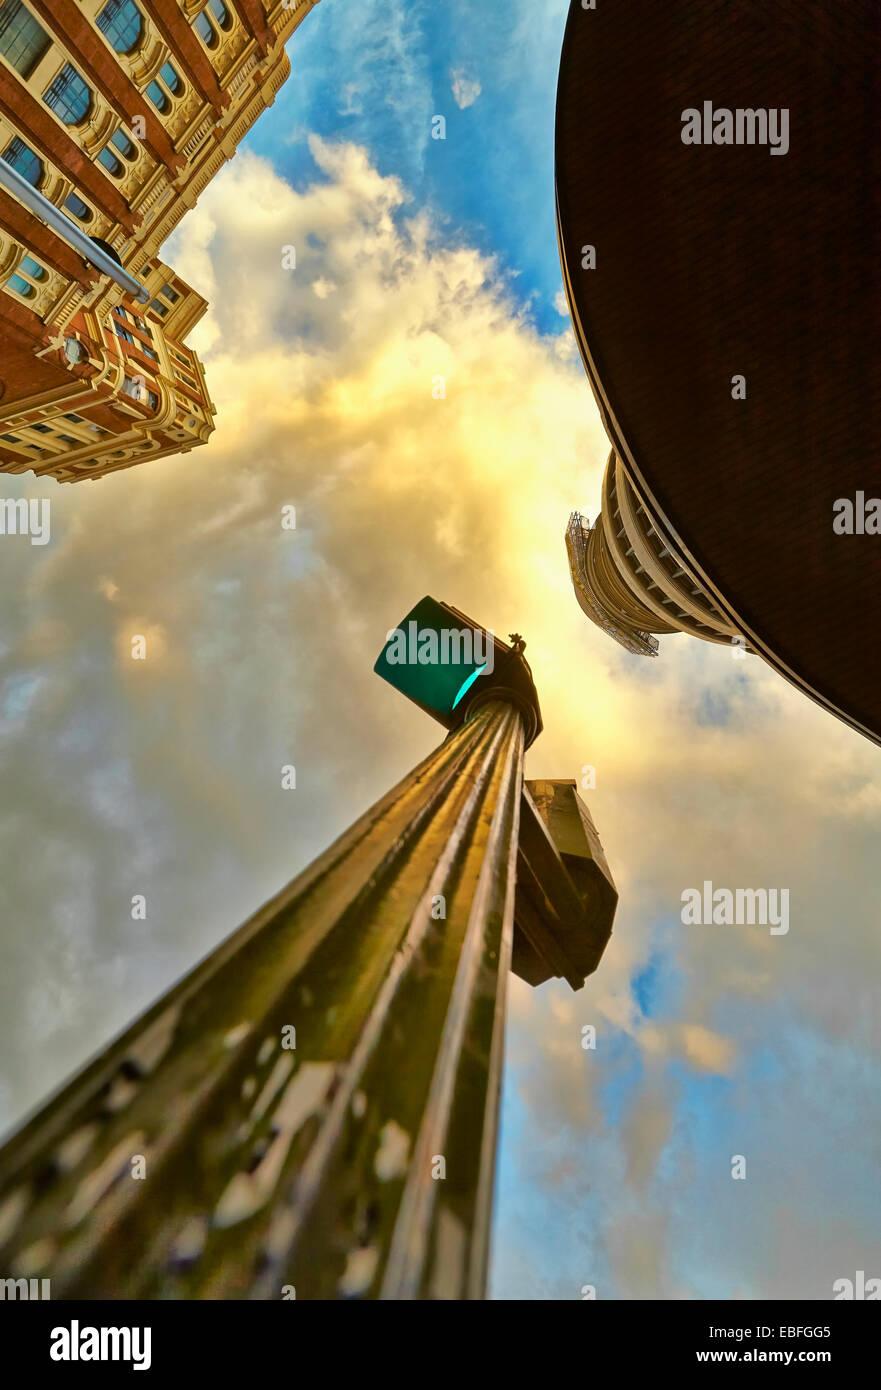 Low angle view de feux de circulation et les bâtiments à Callao square. Madrid. Espagne Photo Stock